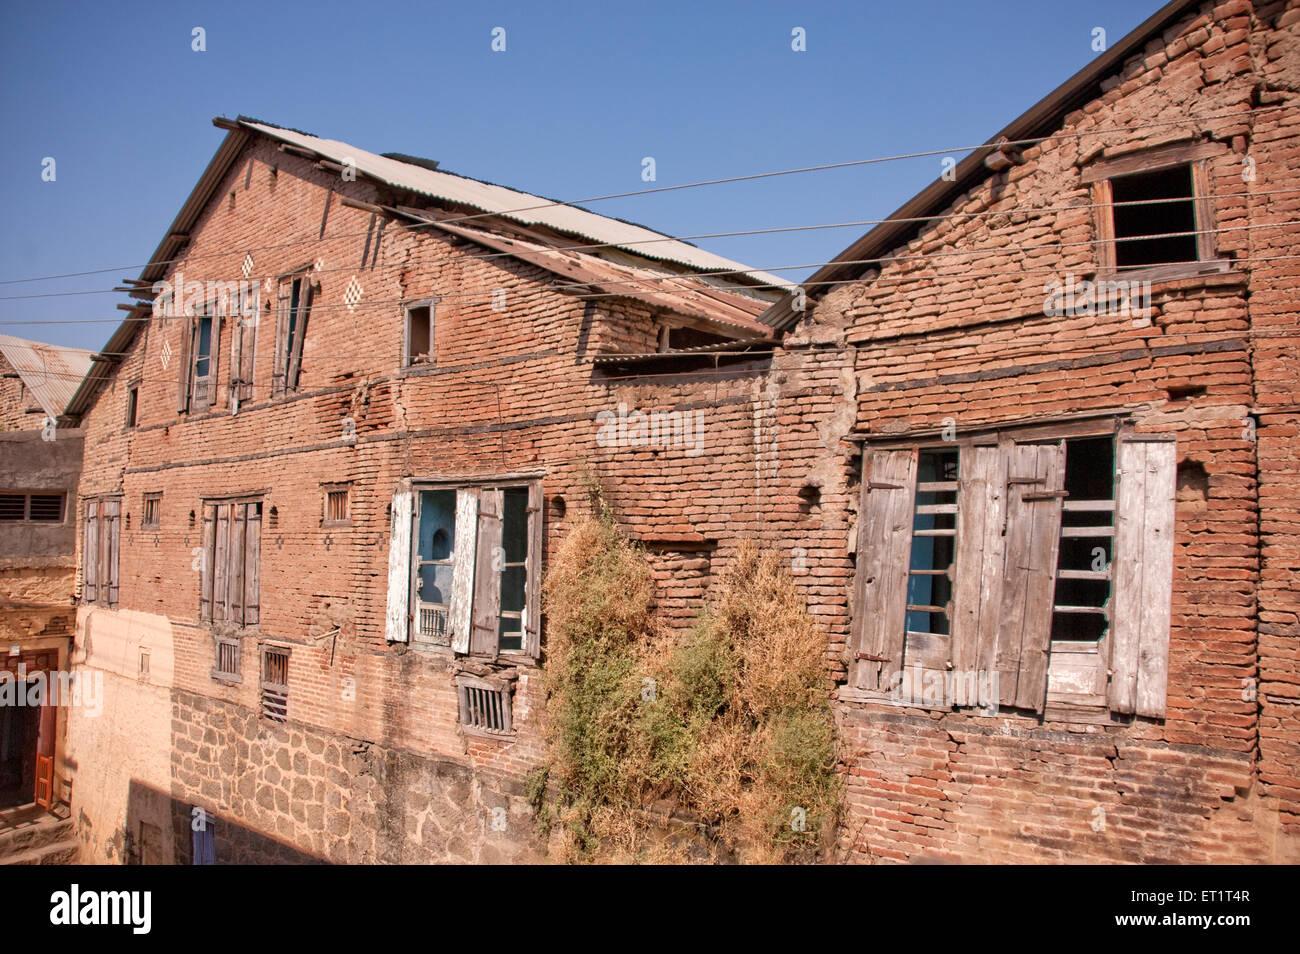 Vieille maison délabrée briques à ahmadnagar Maharashtra Inde Asie Photo Stock